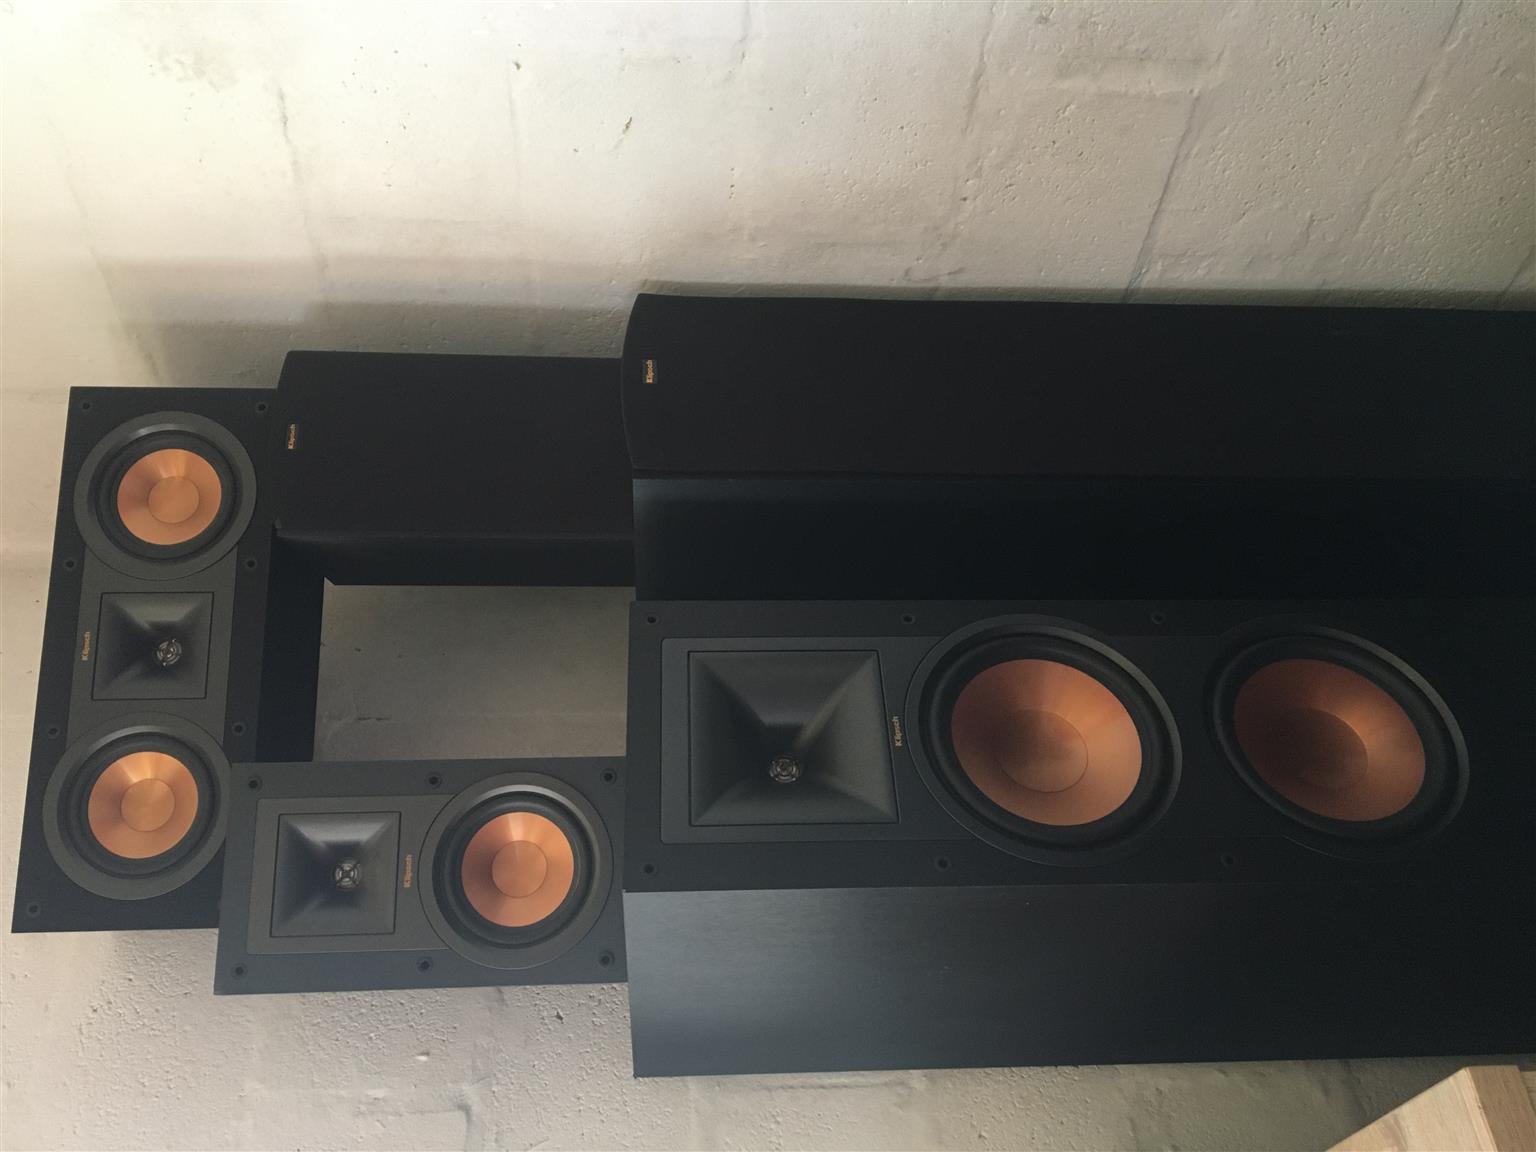 Klipsch 5.1 home theater speaker system